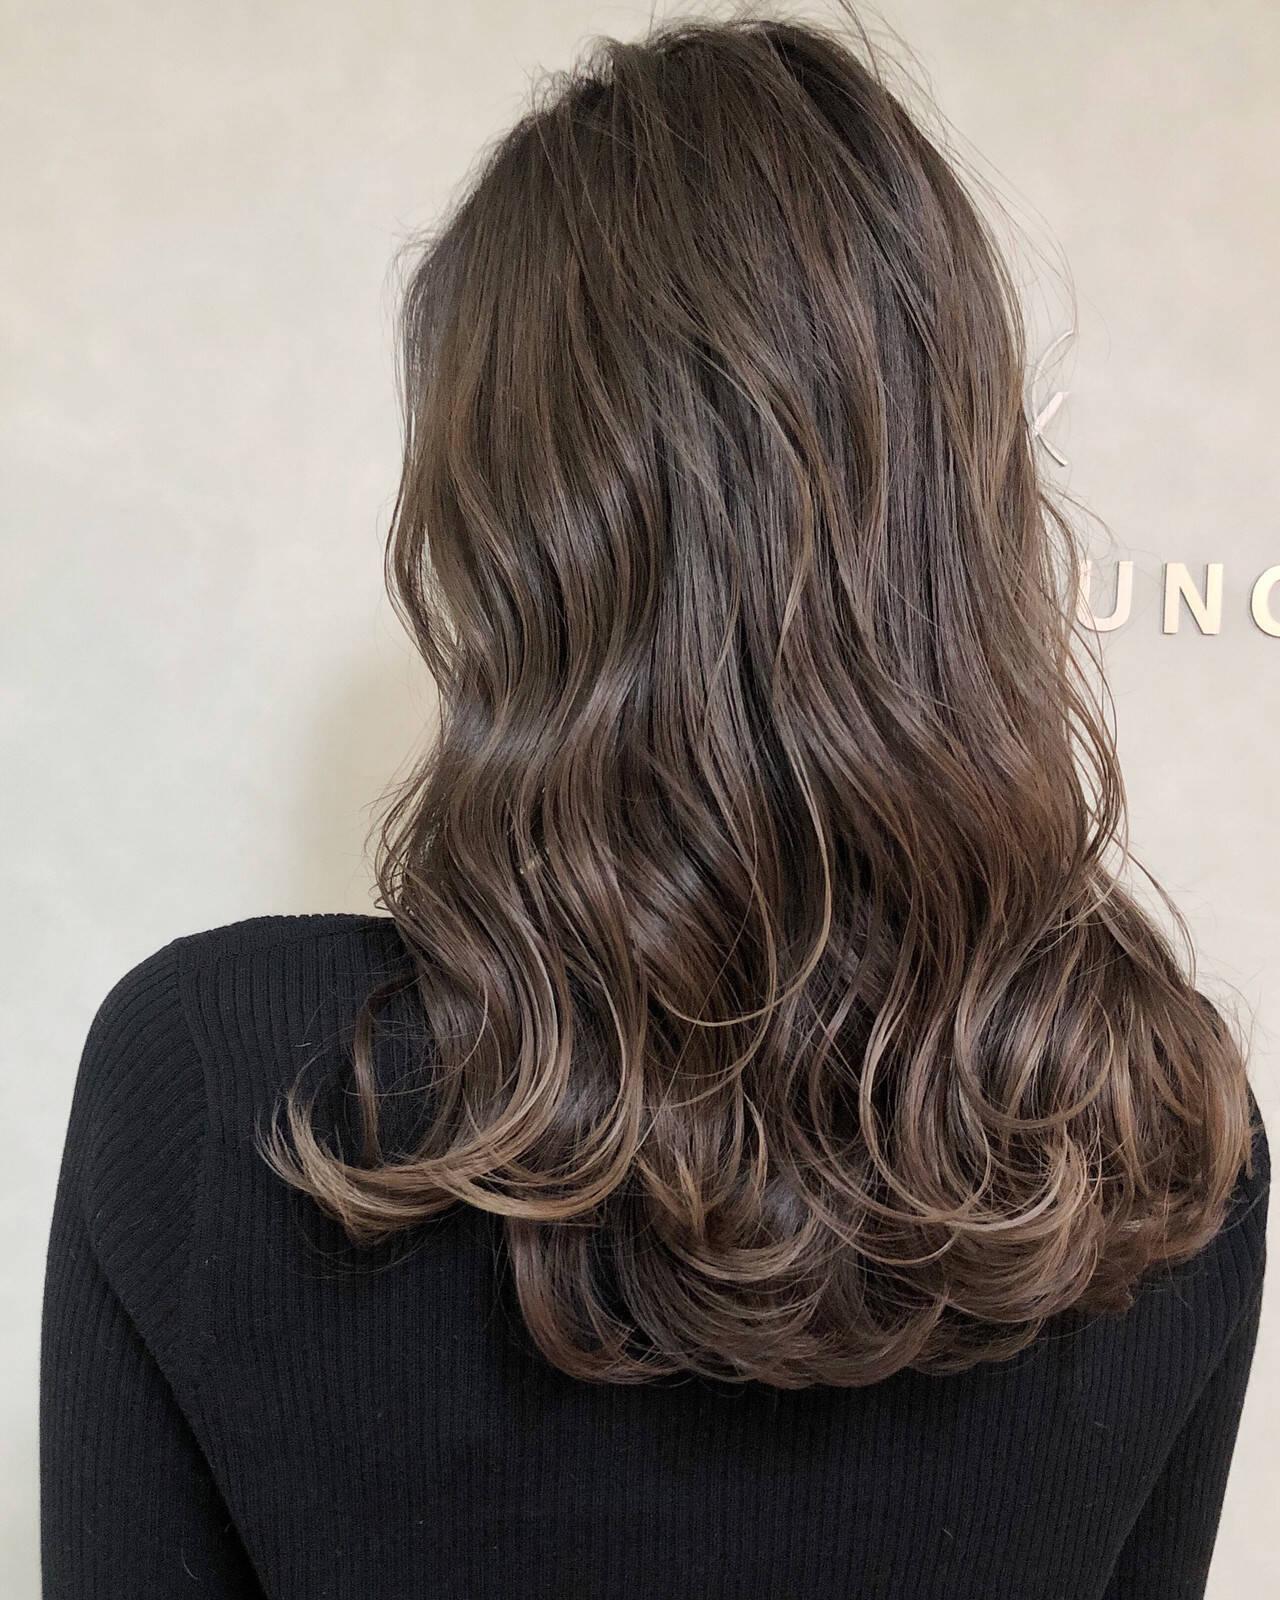 エレガント ハイライト 大人ハイライト アッシュグレーヘアスタイルや髪型の写真・画像